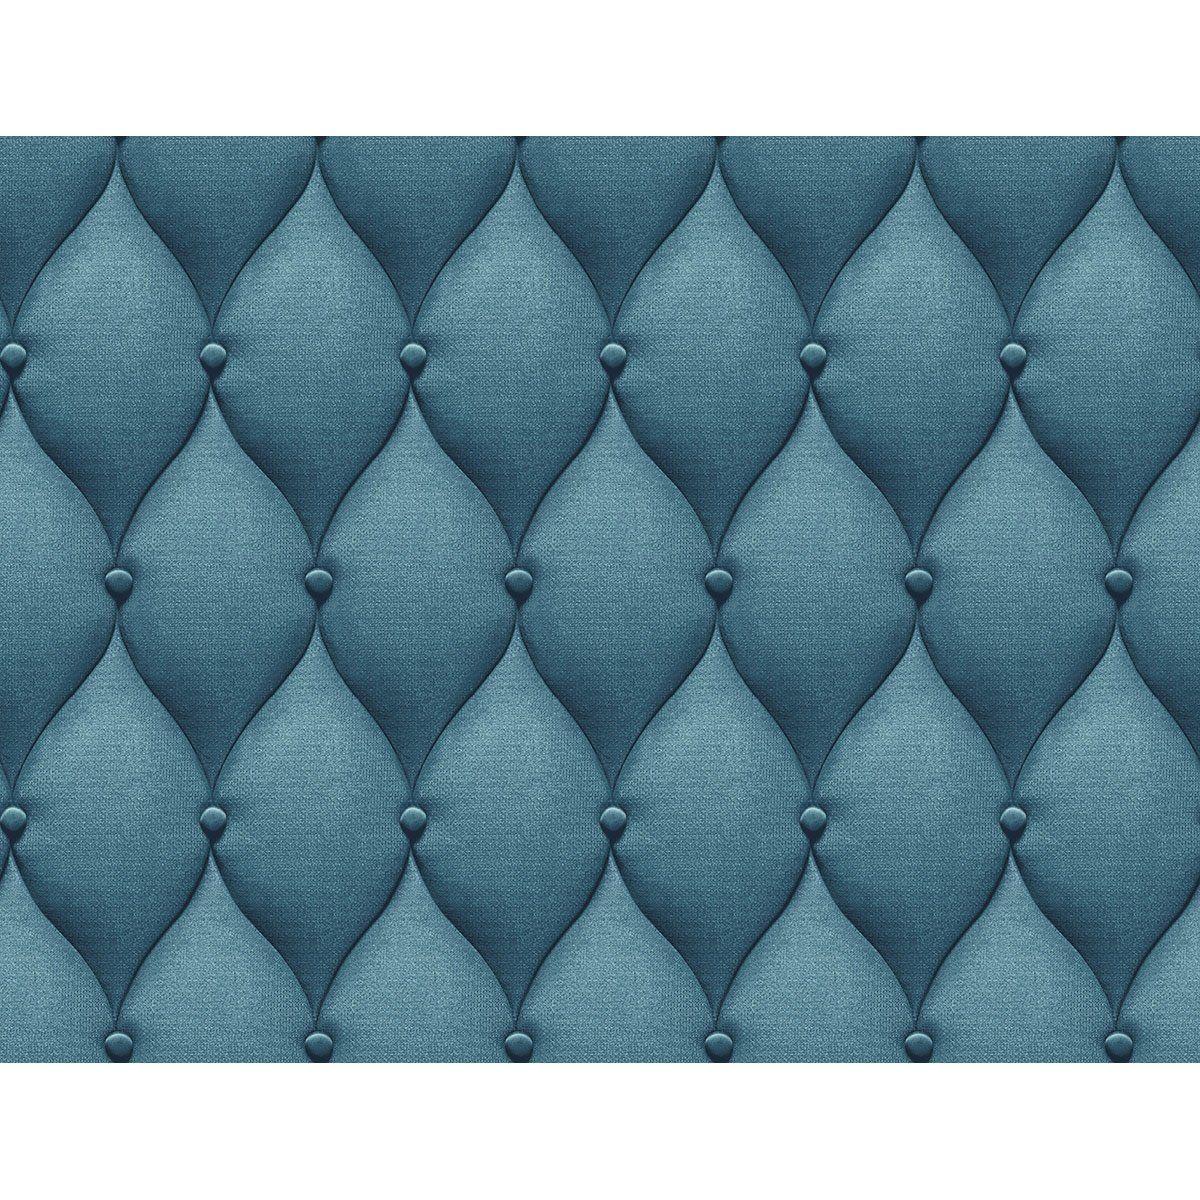 Papier Peint Vinyle Capiton 3d Bleu Leroy Merlin Papier Peint Papier Peint Vinyle Papier Peint Bleu